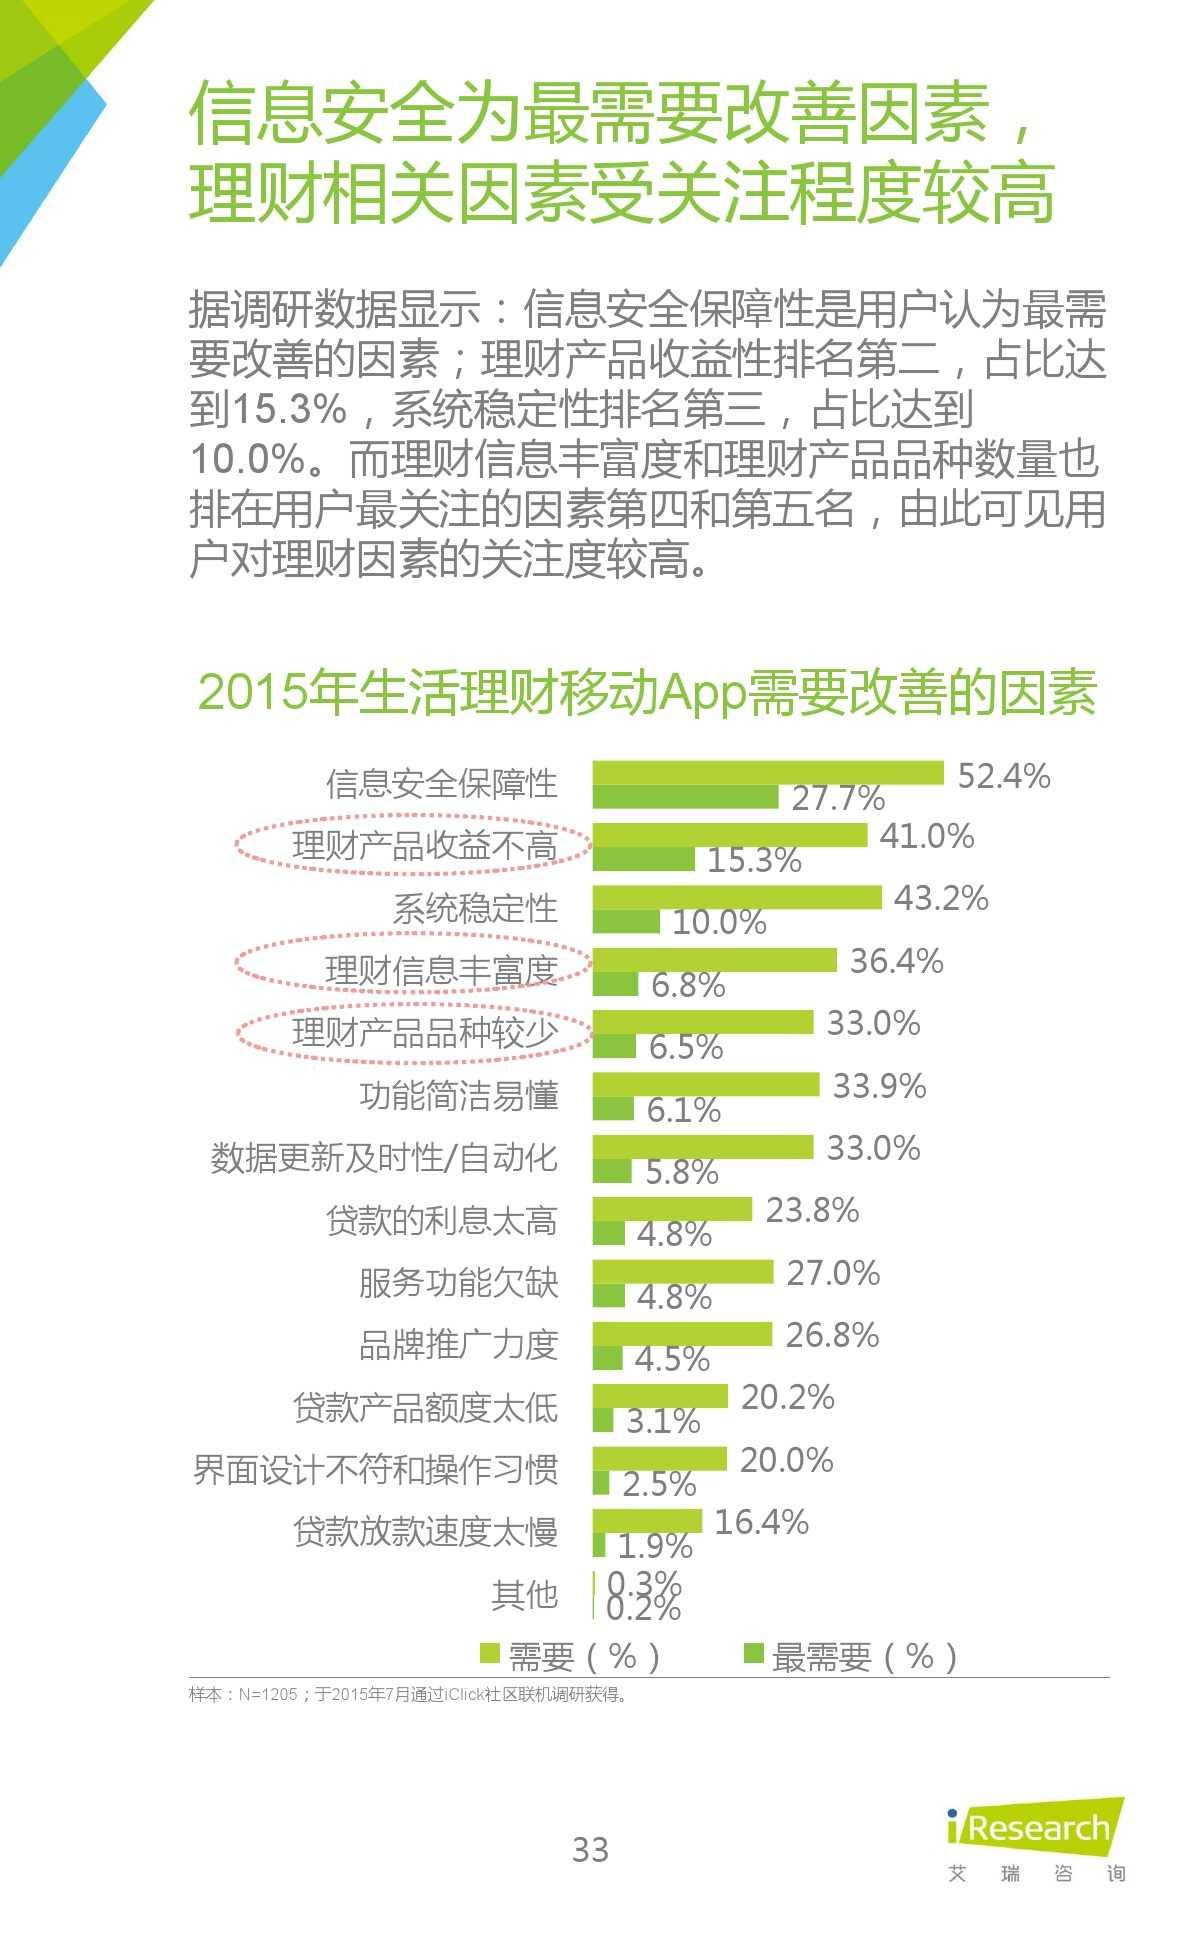 2015年中国生活理财移动App行业研究报告_000033